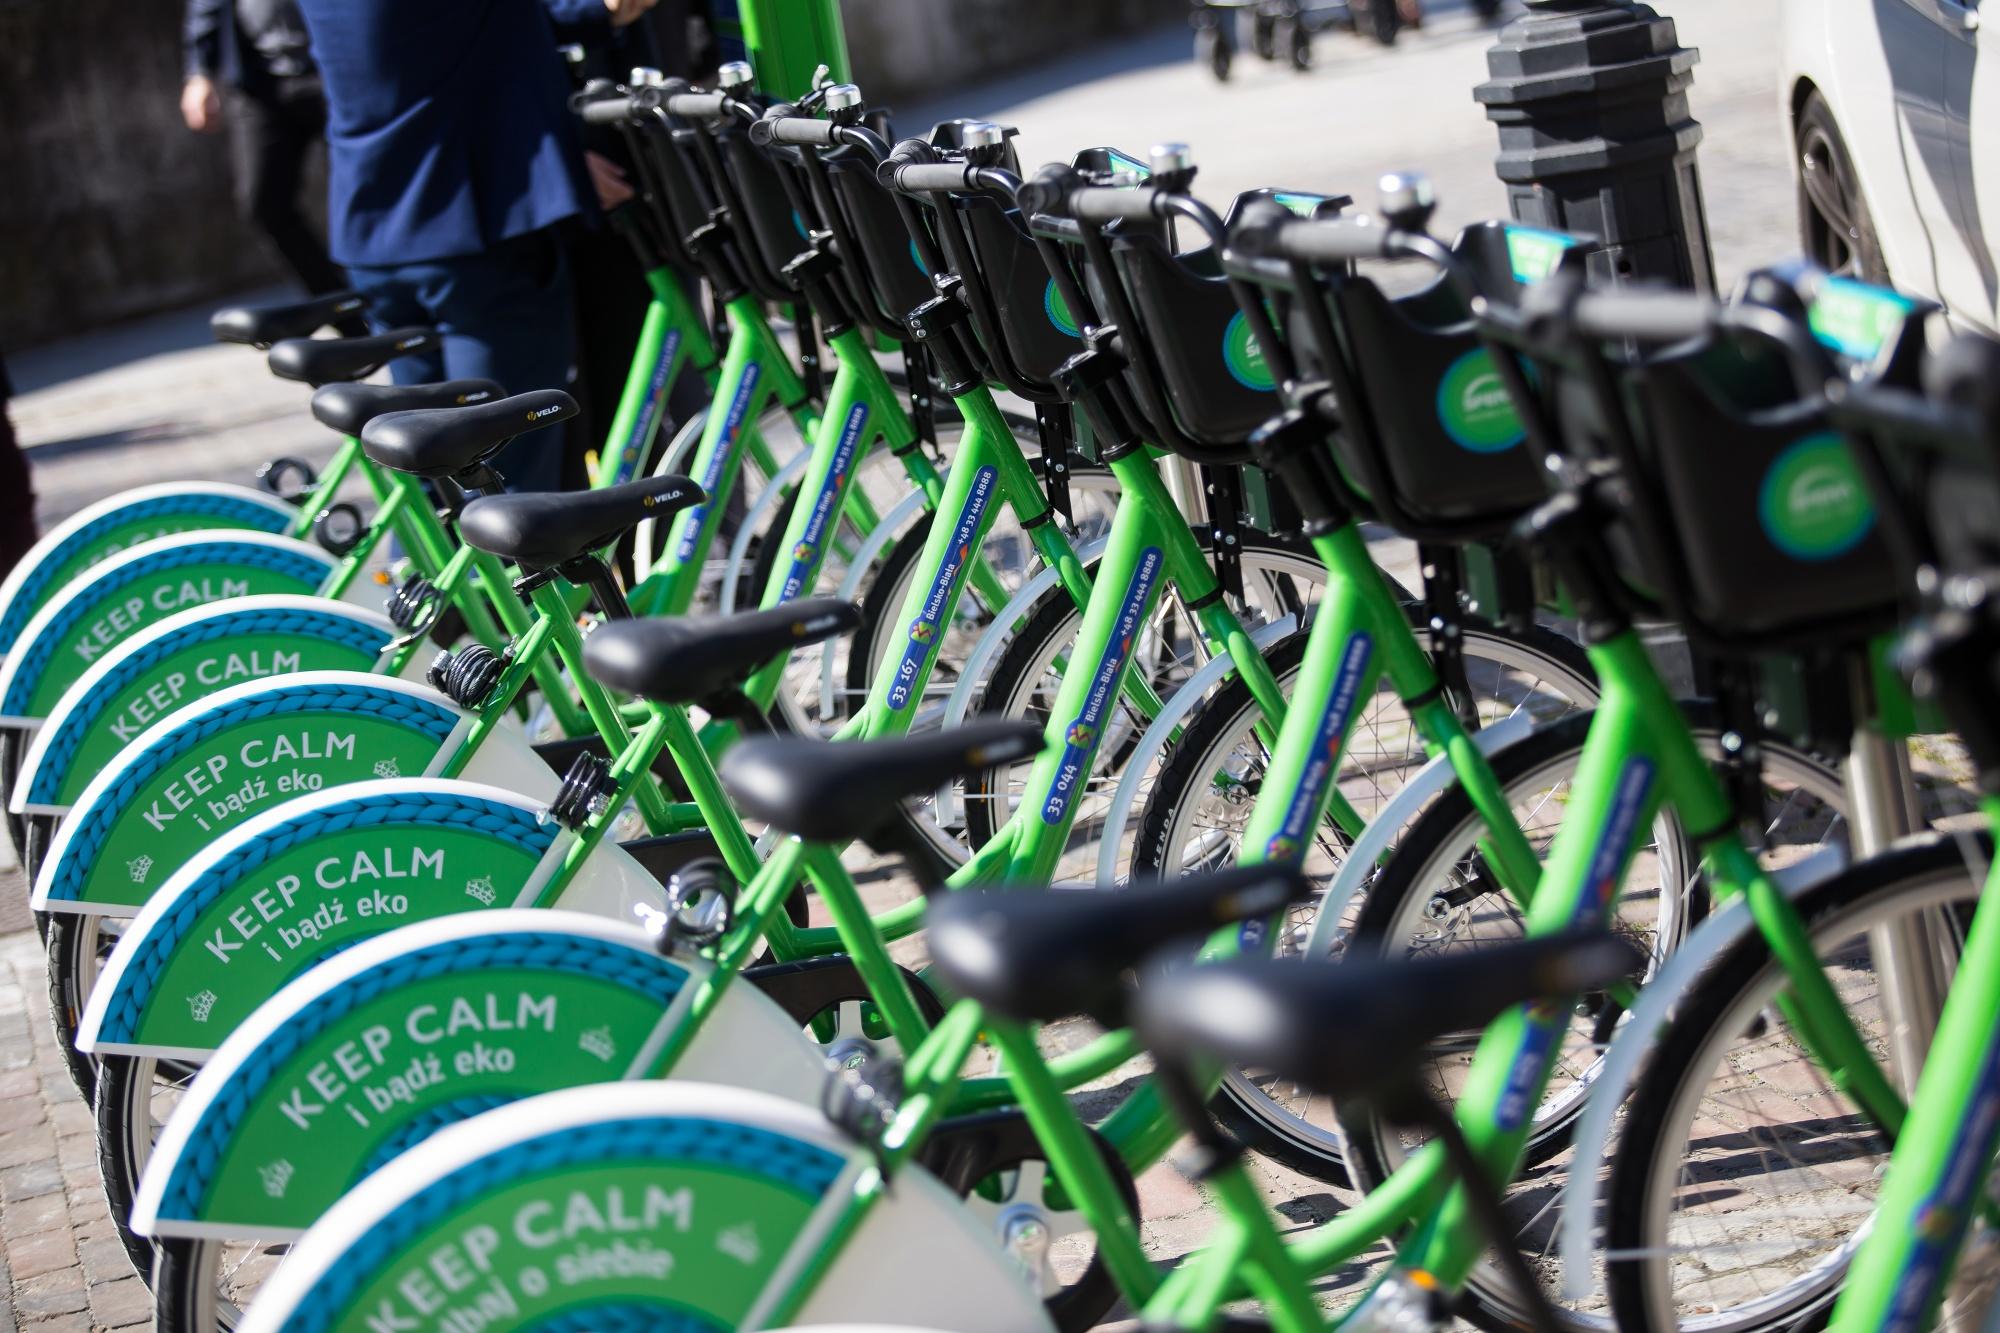 Rowery BBbike wracają na ulice Bielska-Białej